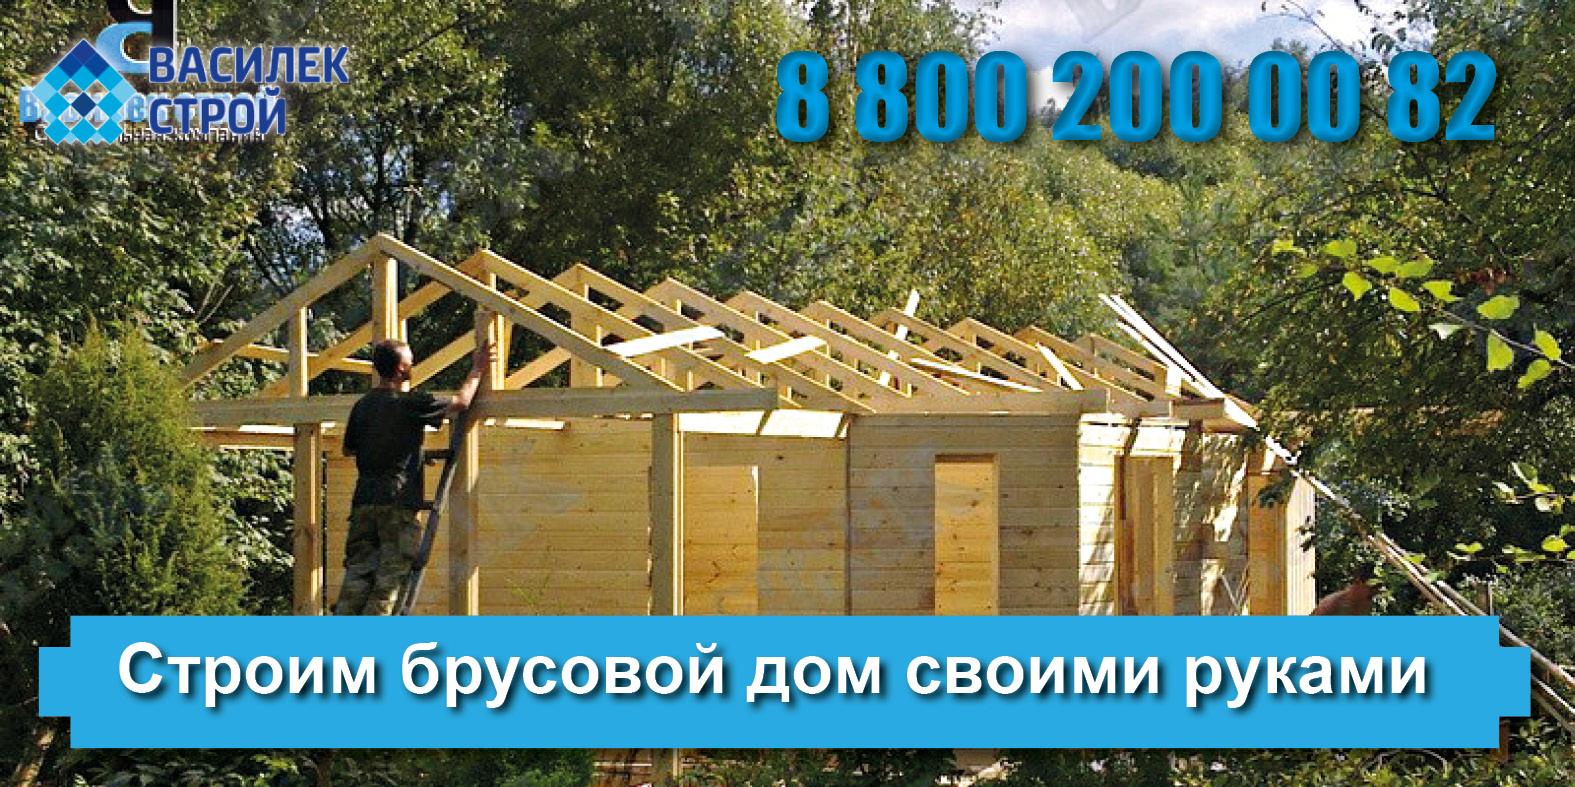 Строим современный брусовой дом своими руками: лучшие брусовые дома с фото и технология на нашем сайте